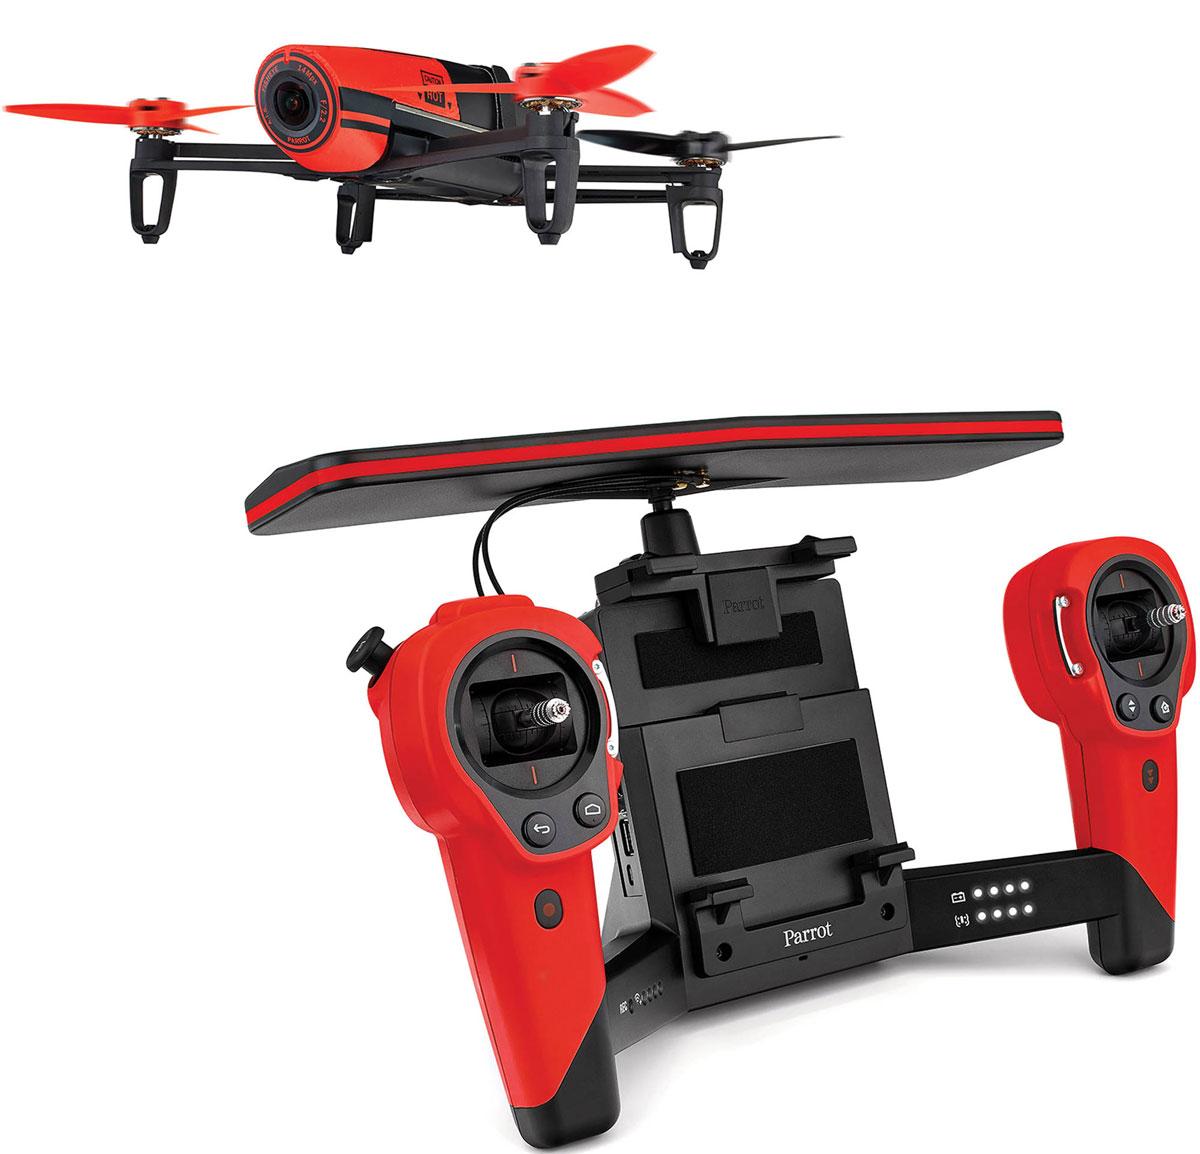 Parrot Квадрокоптер на радиоуправлении Bebop Drone + Skycontroller цвет красный